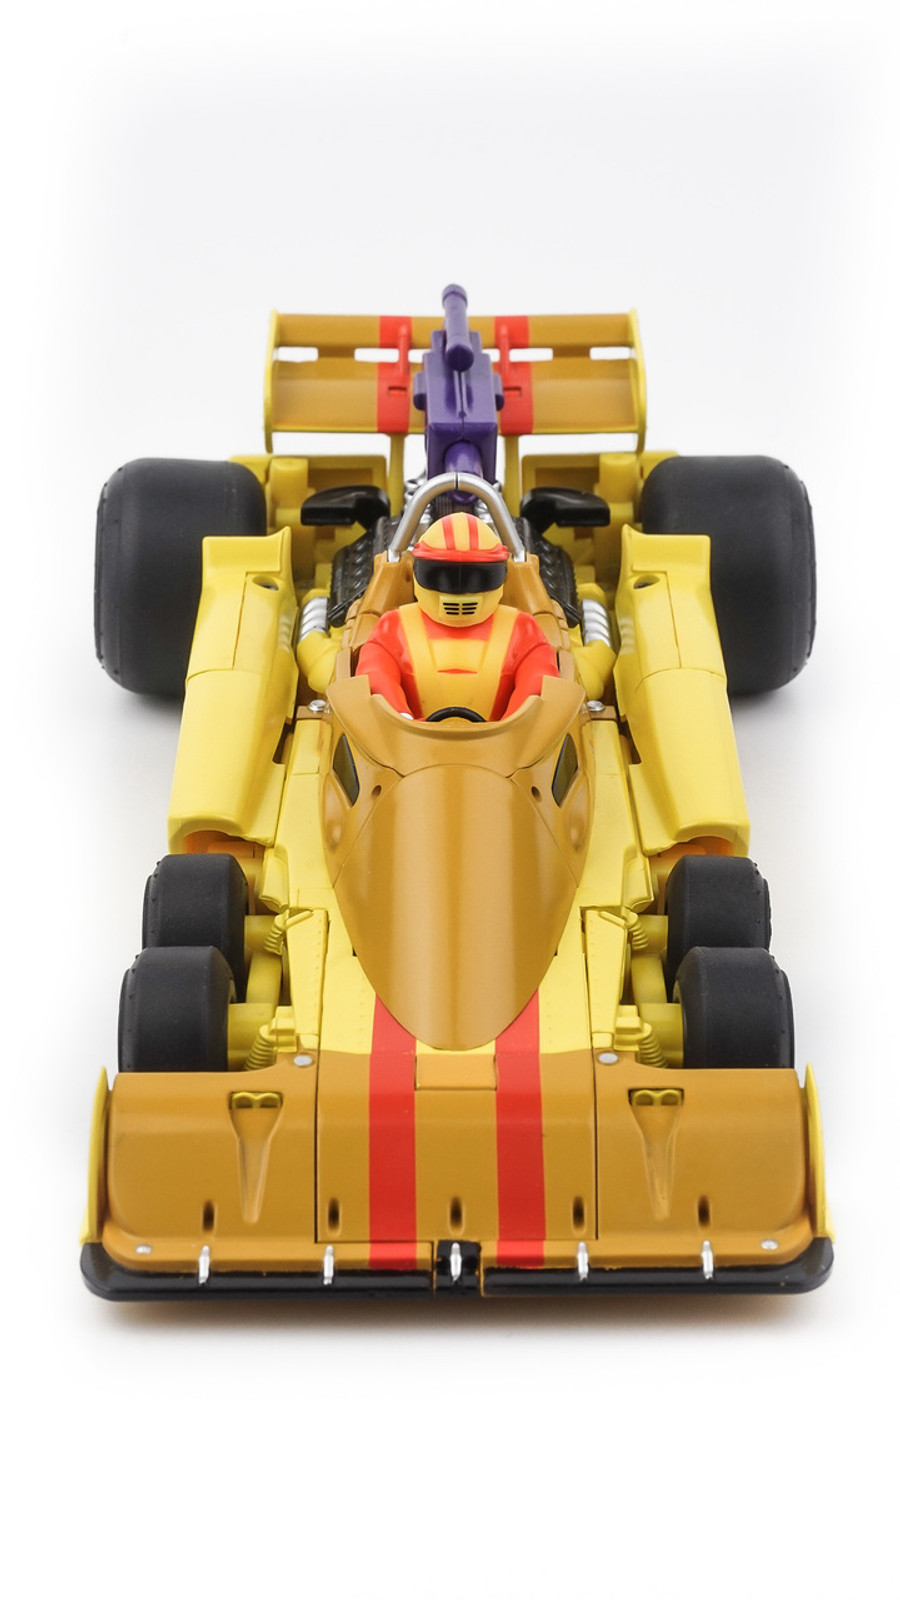 X-Transbots - MX-16 Overheat